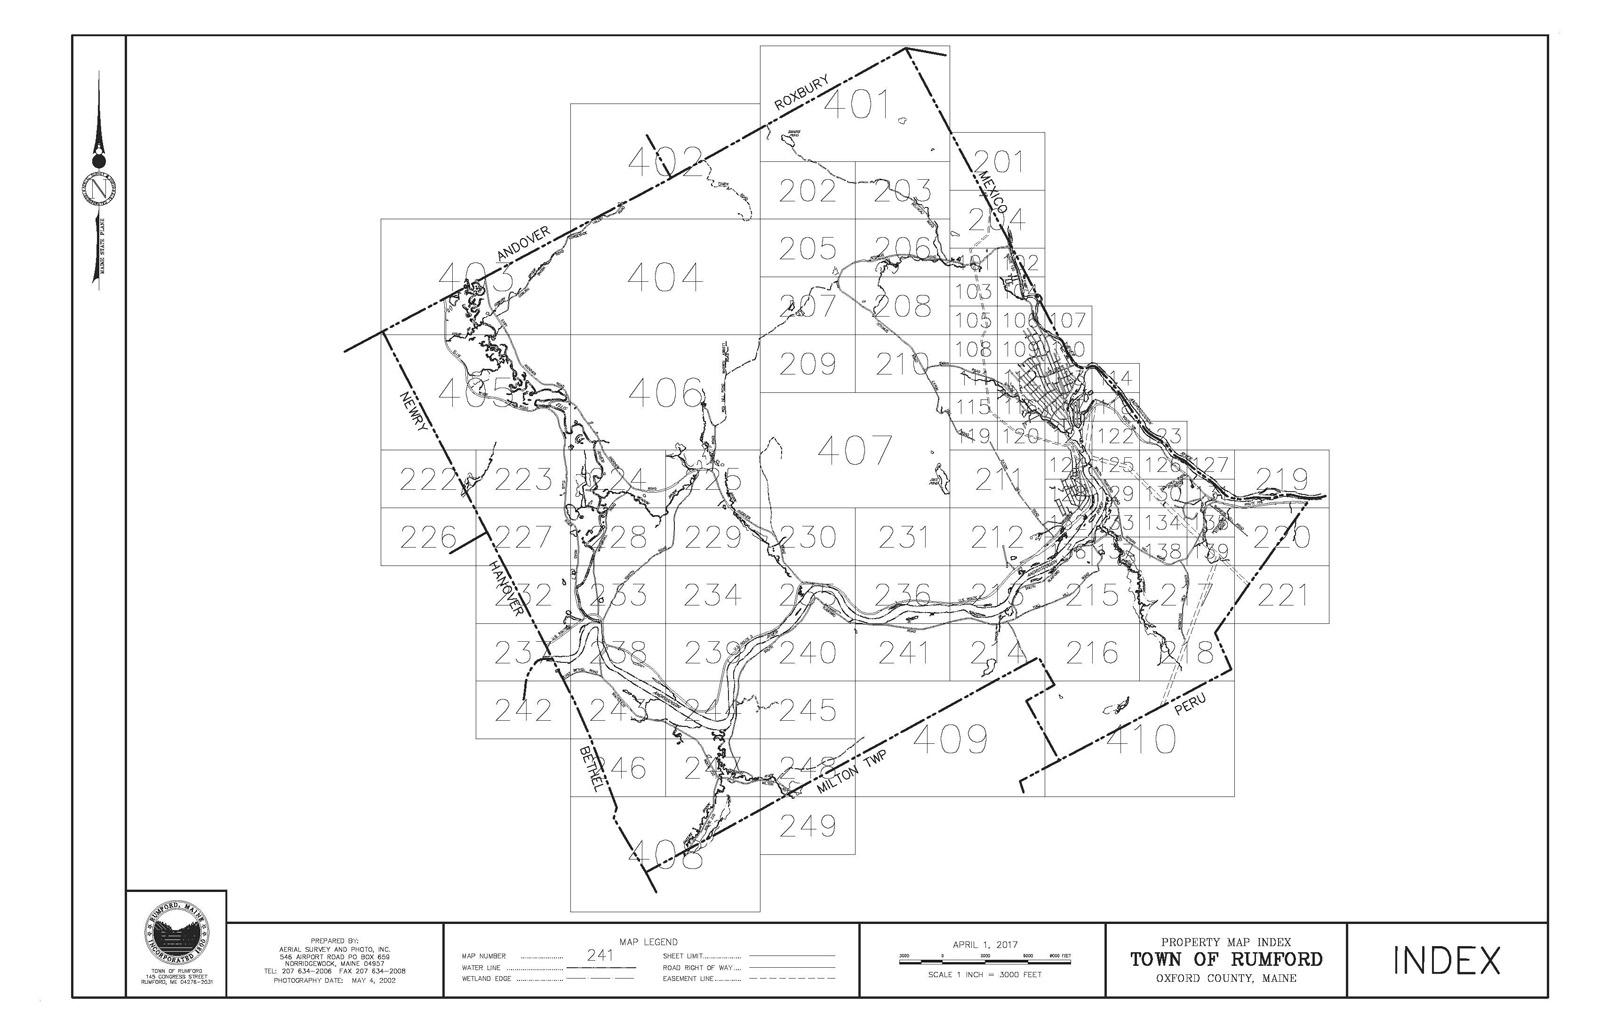 Rumford Map Index